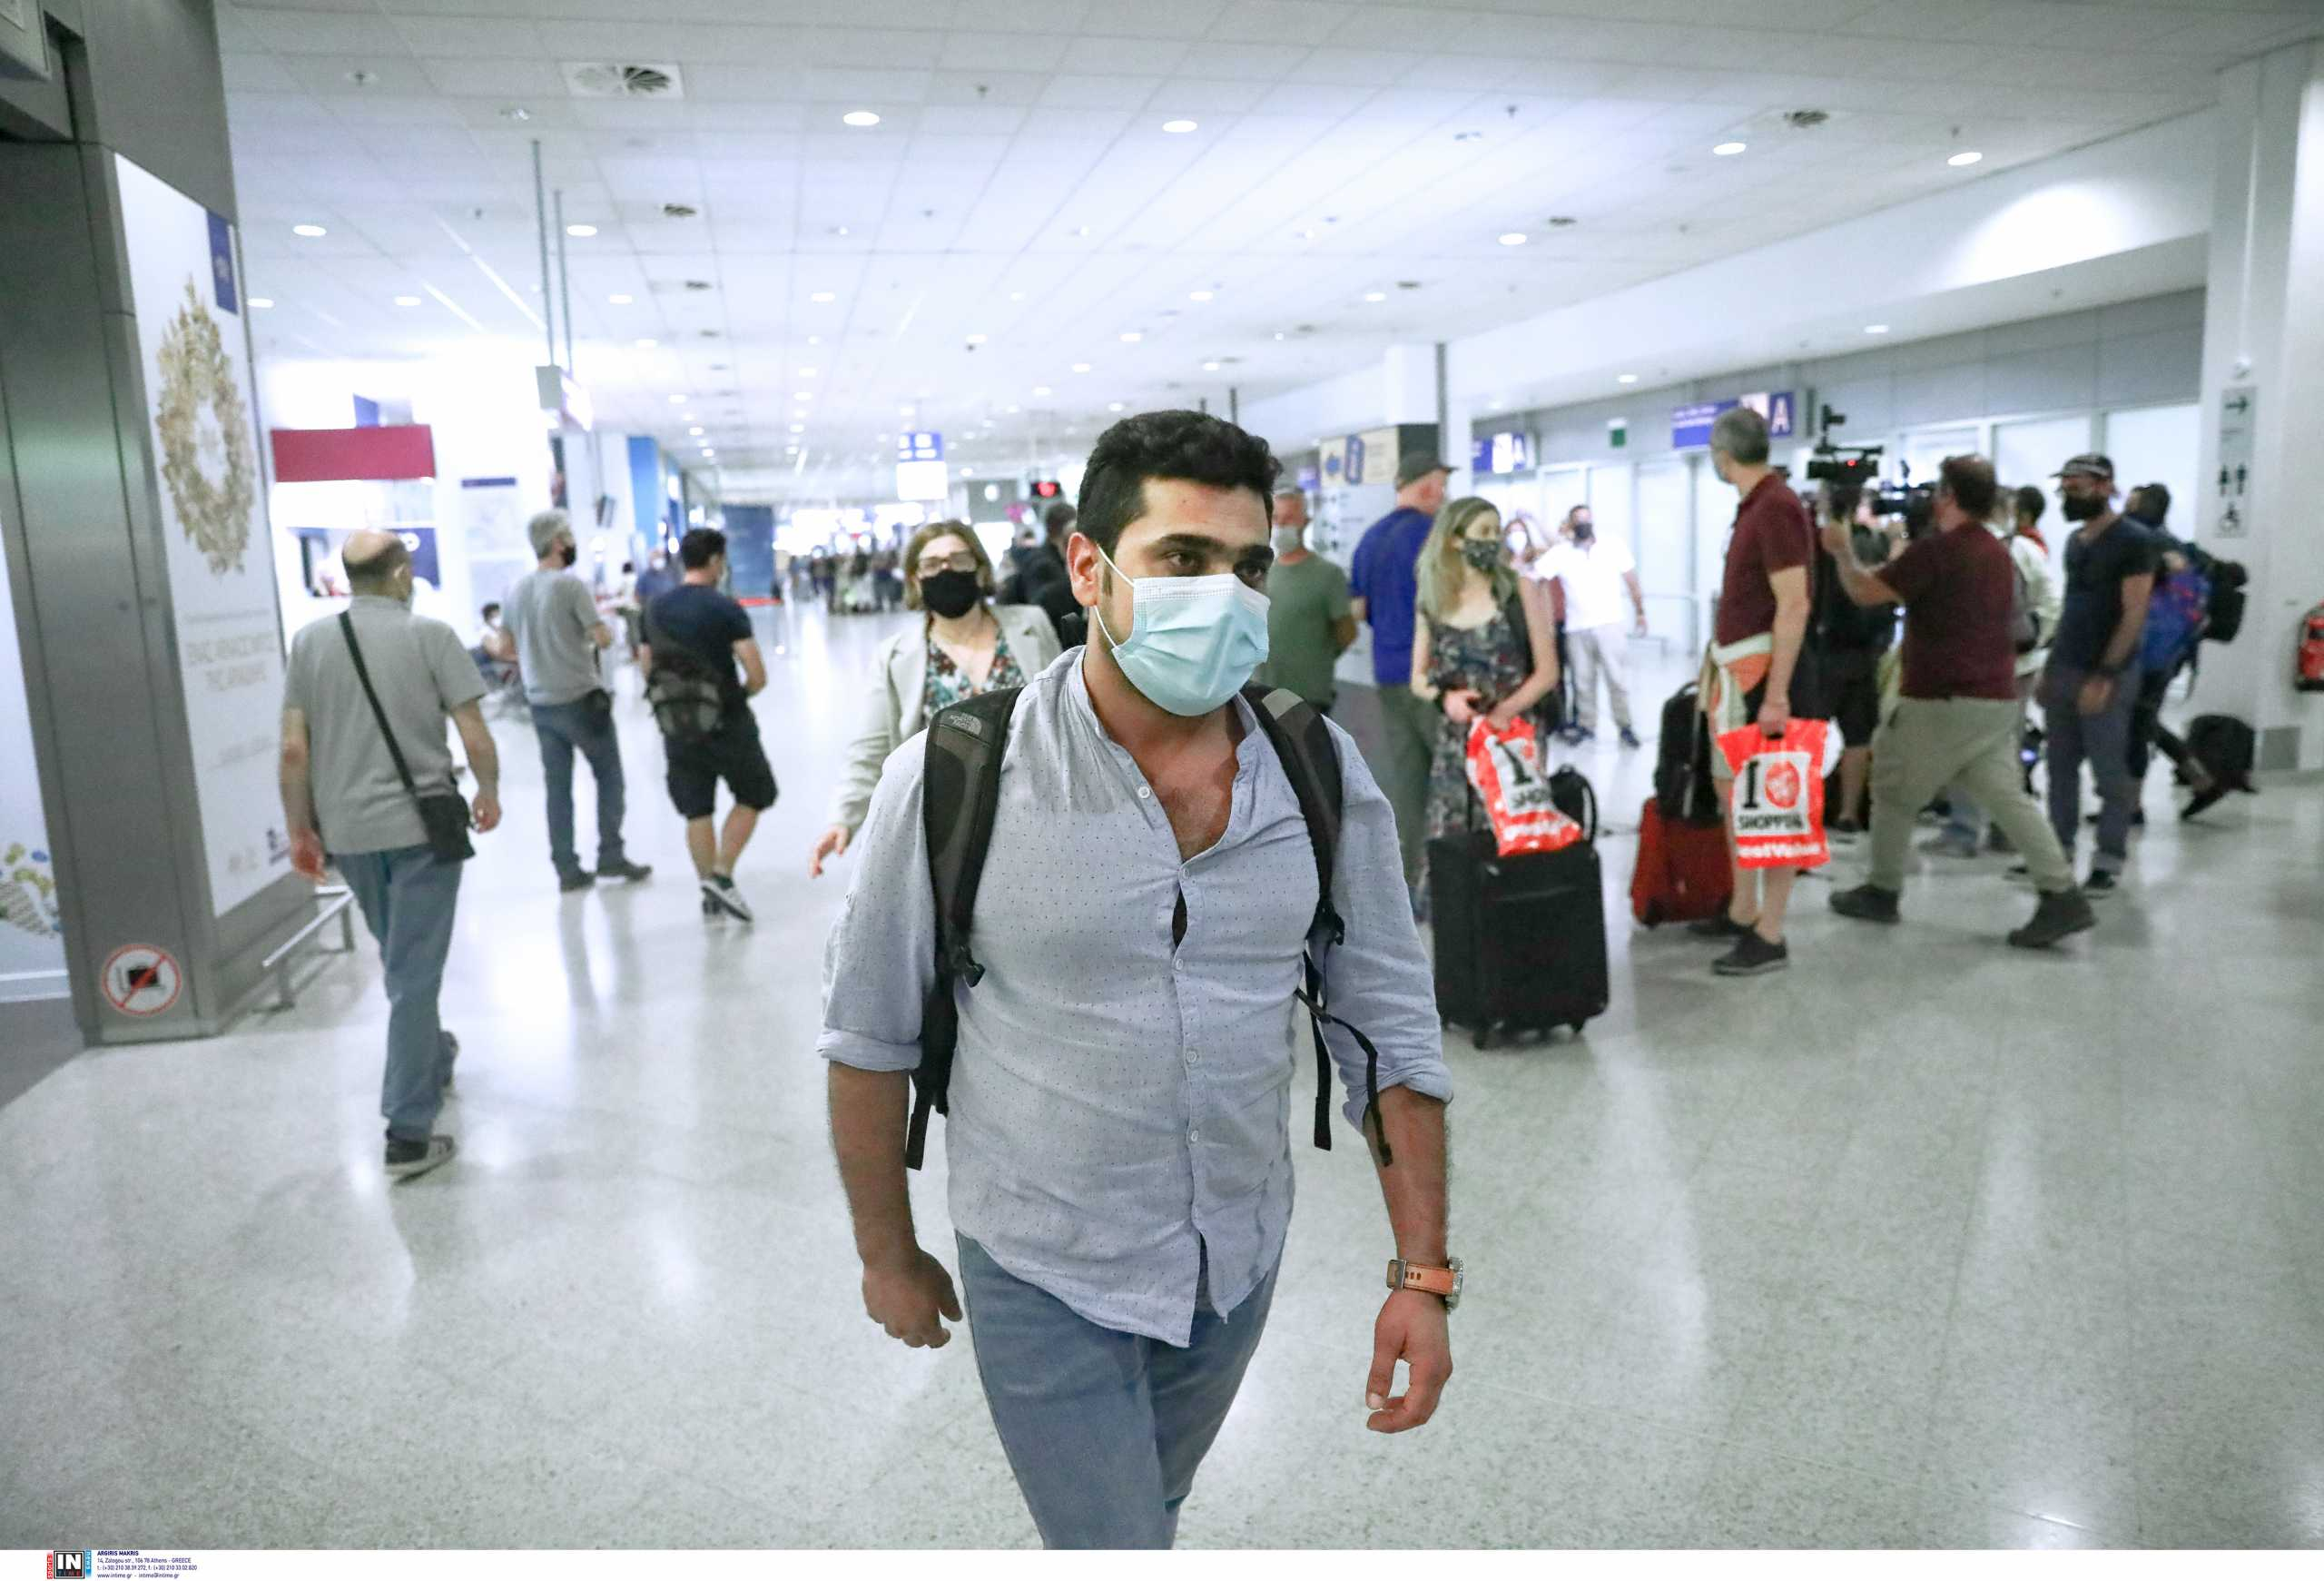 Έφτασε στην Αθήνα ο Έλληνας πολίτης που απεγκλωβίστηκε από την Καμπούλ